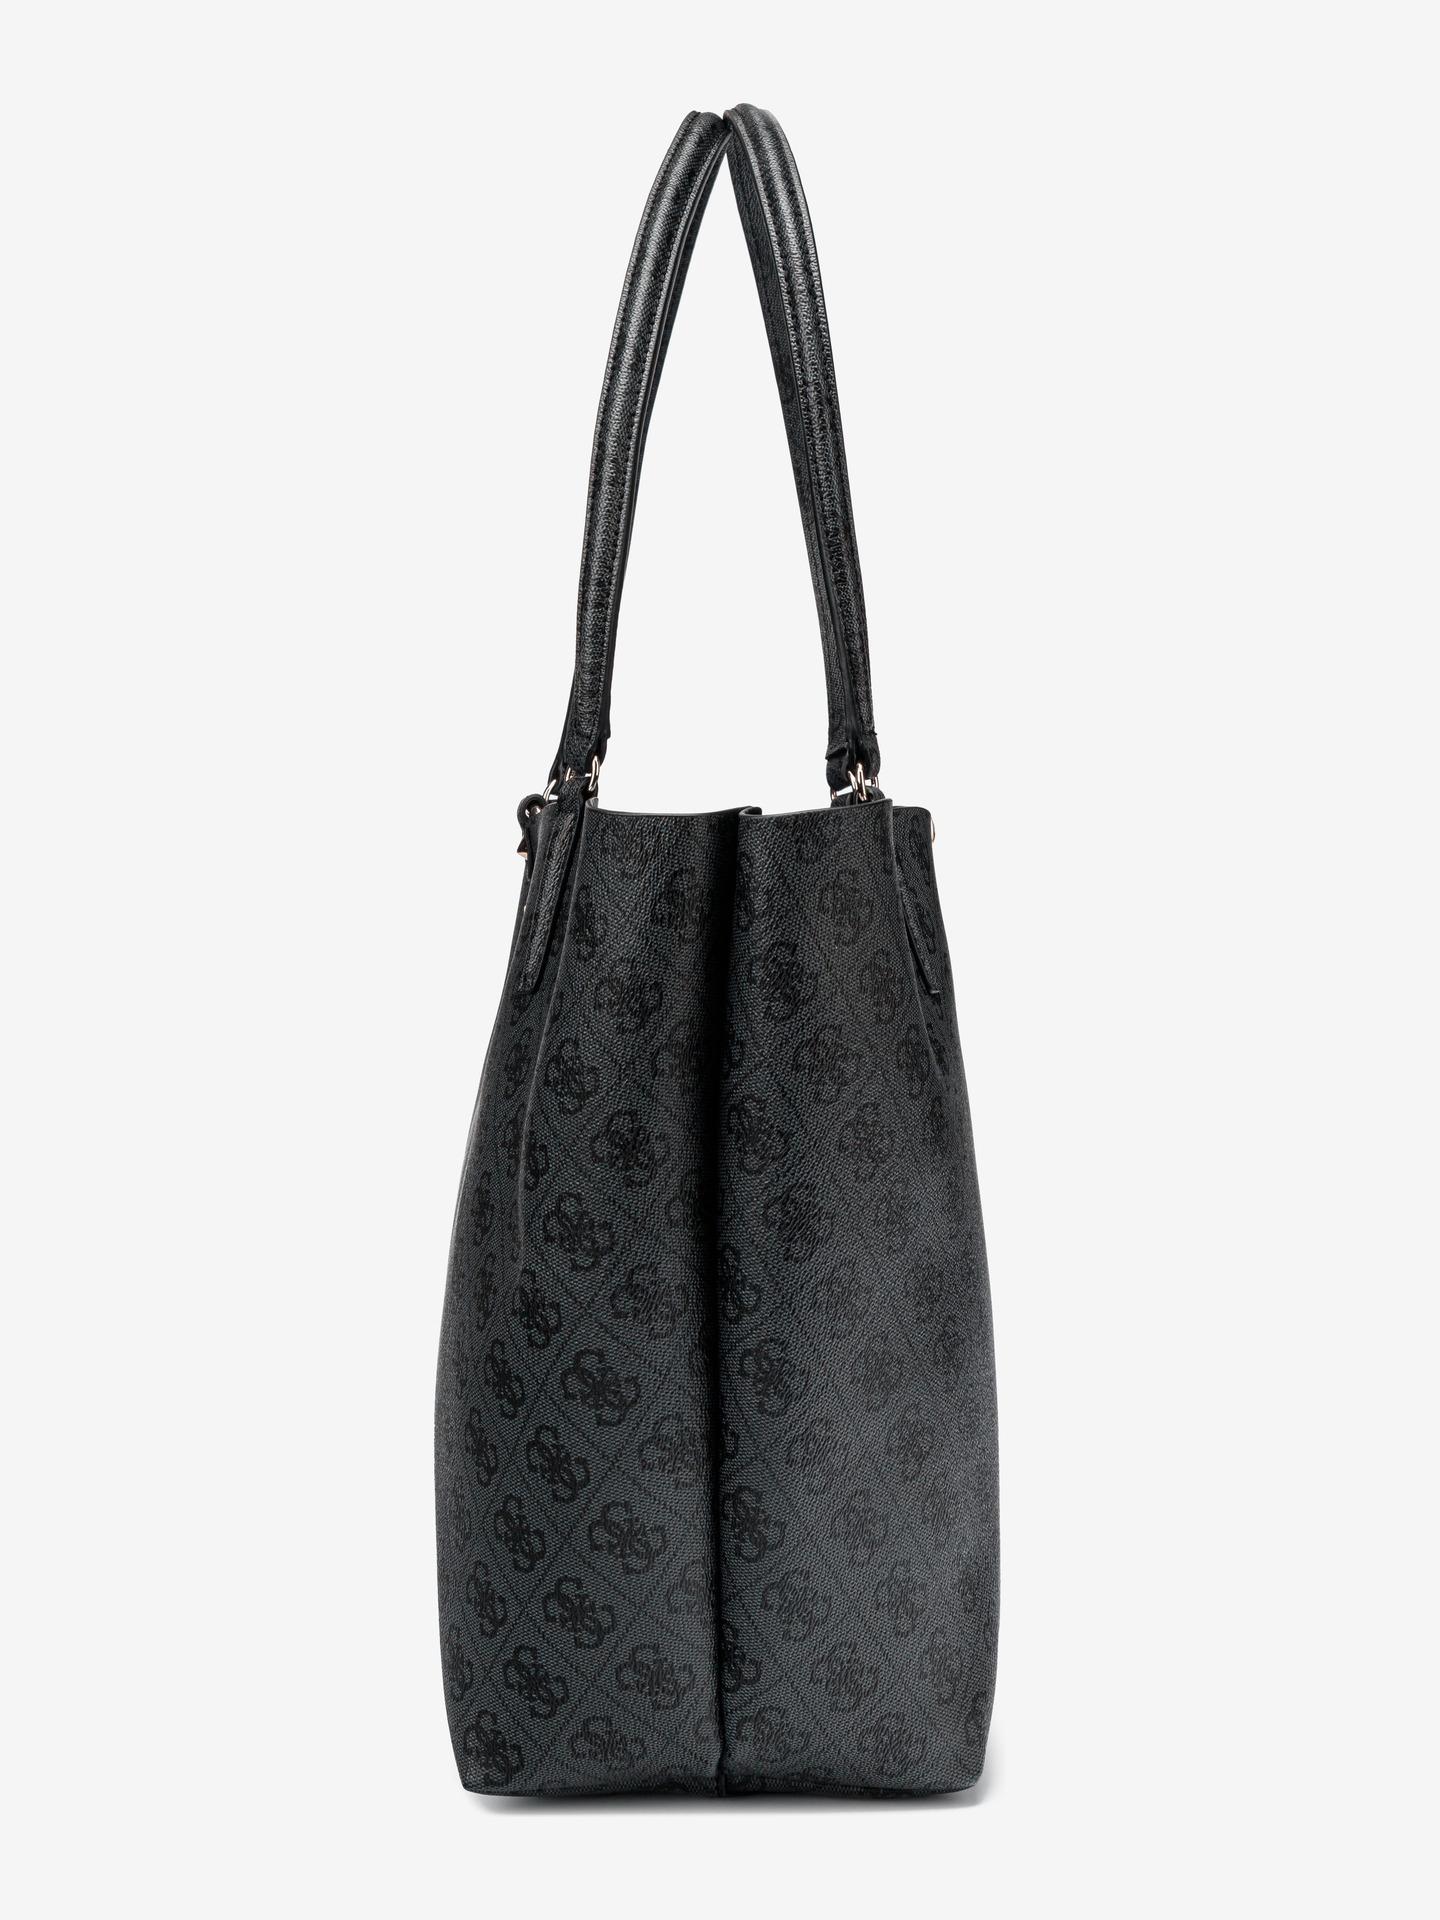 Guess black handbag Alby